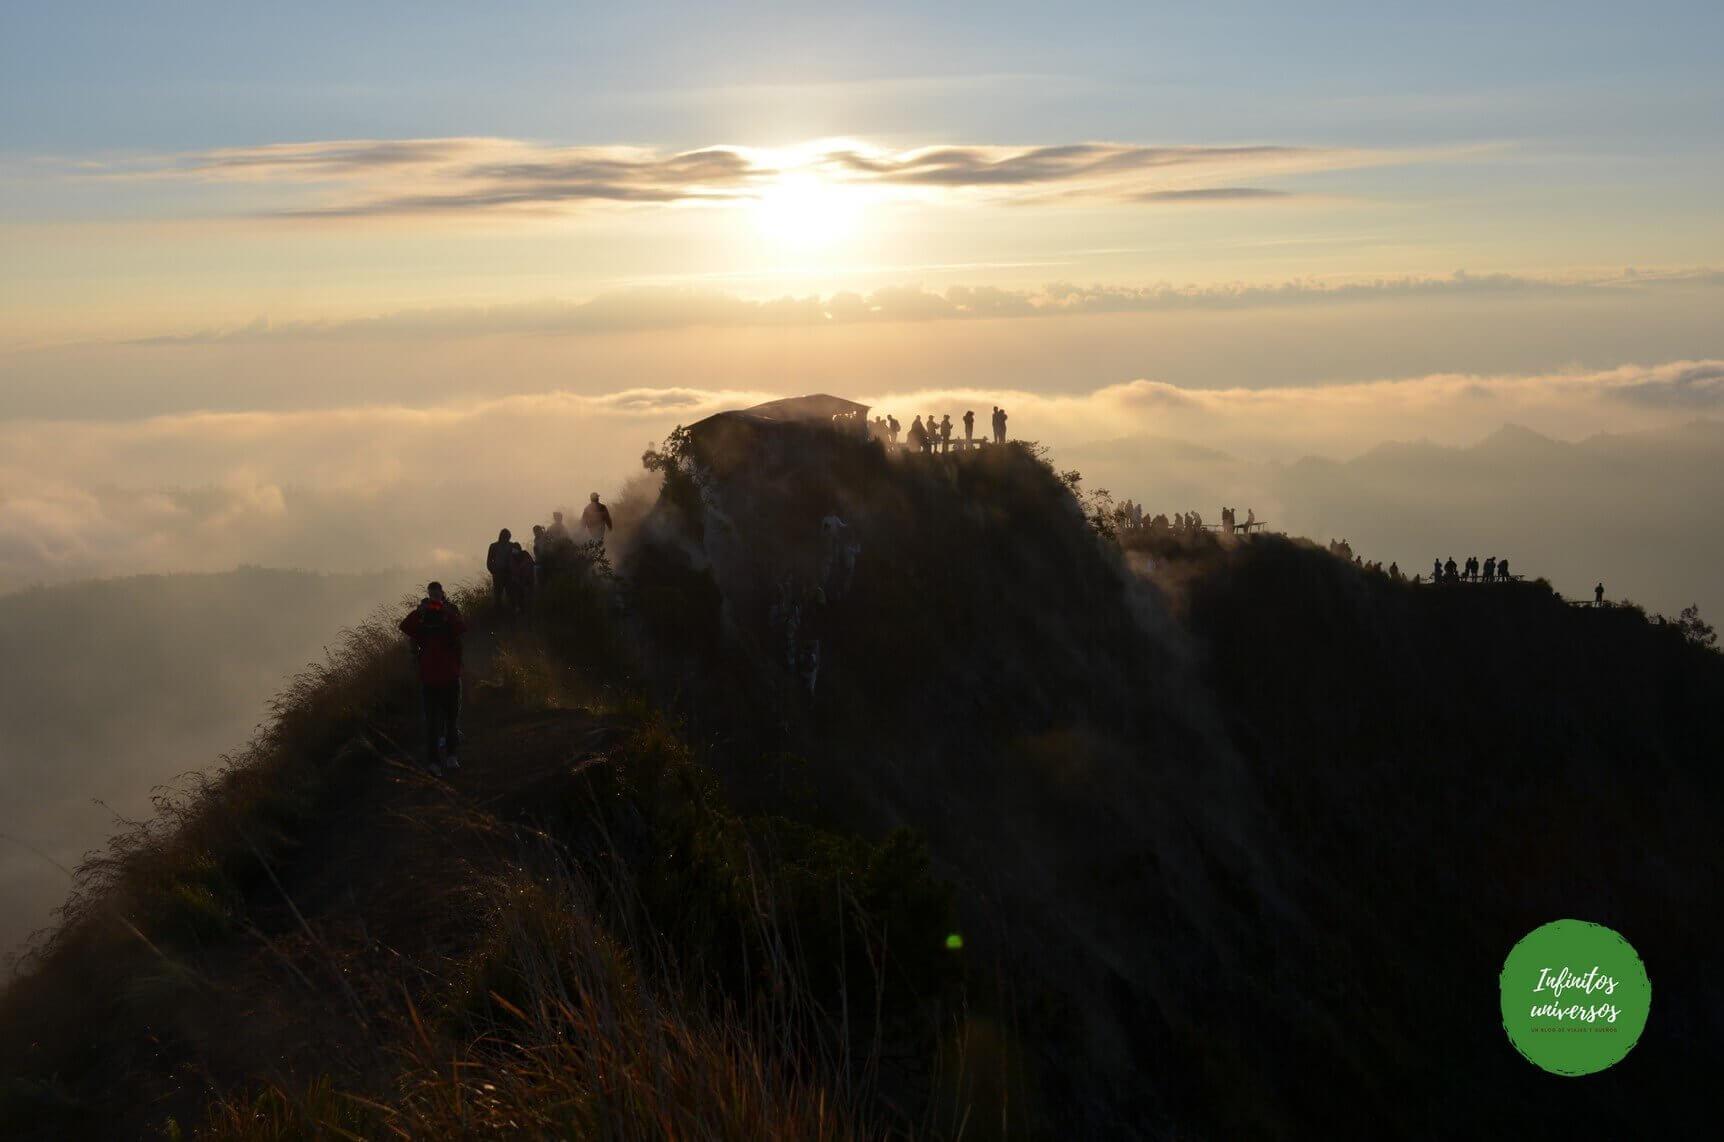 Amanecer en Monte Batur - Qué ver en Bali (Indonesia) cascada kanto lampo